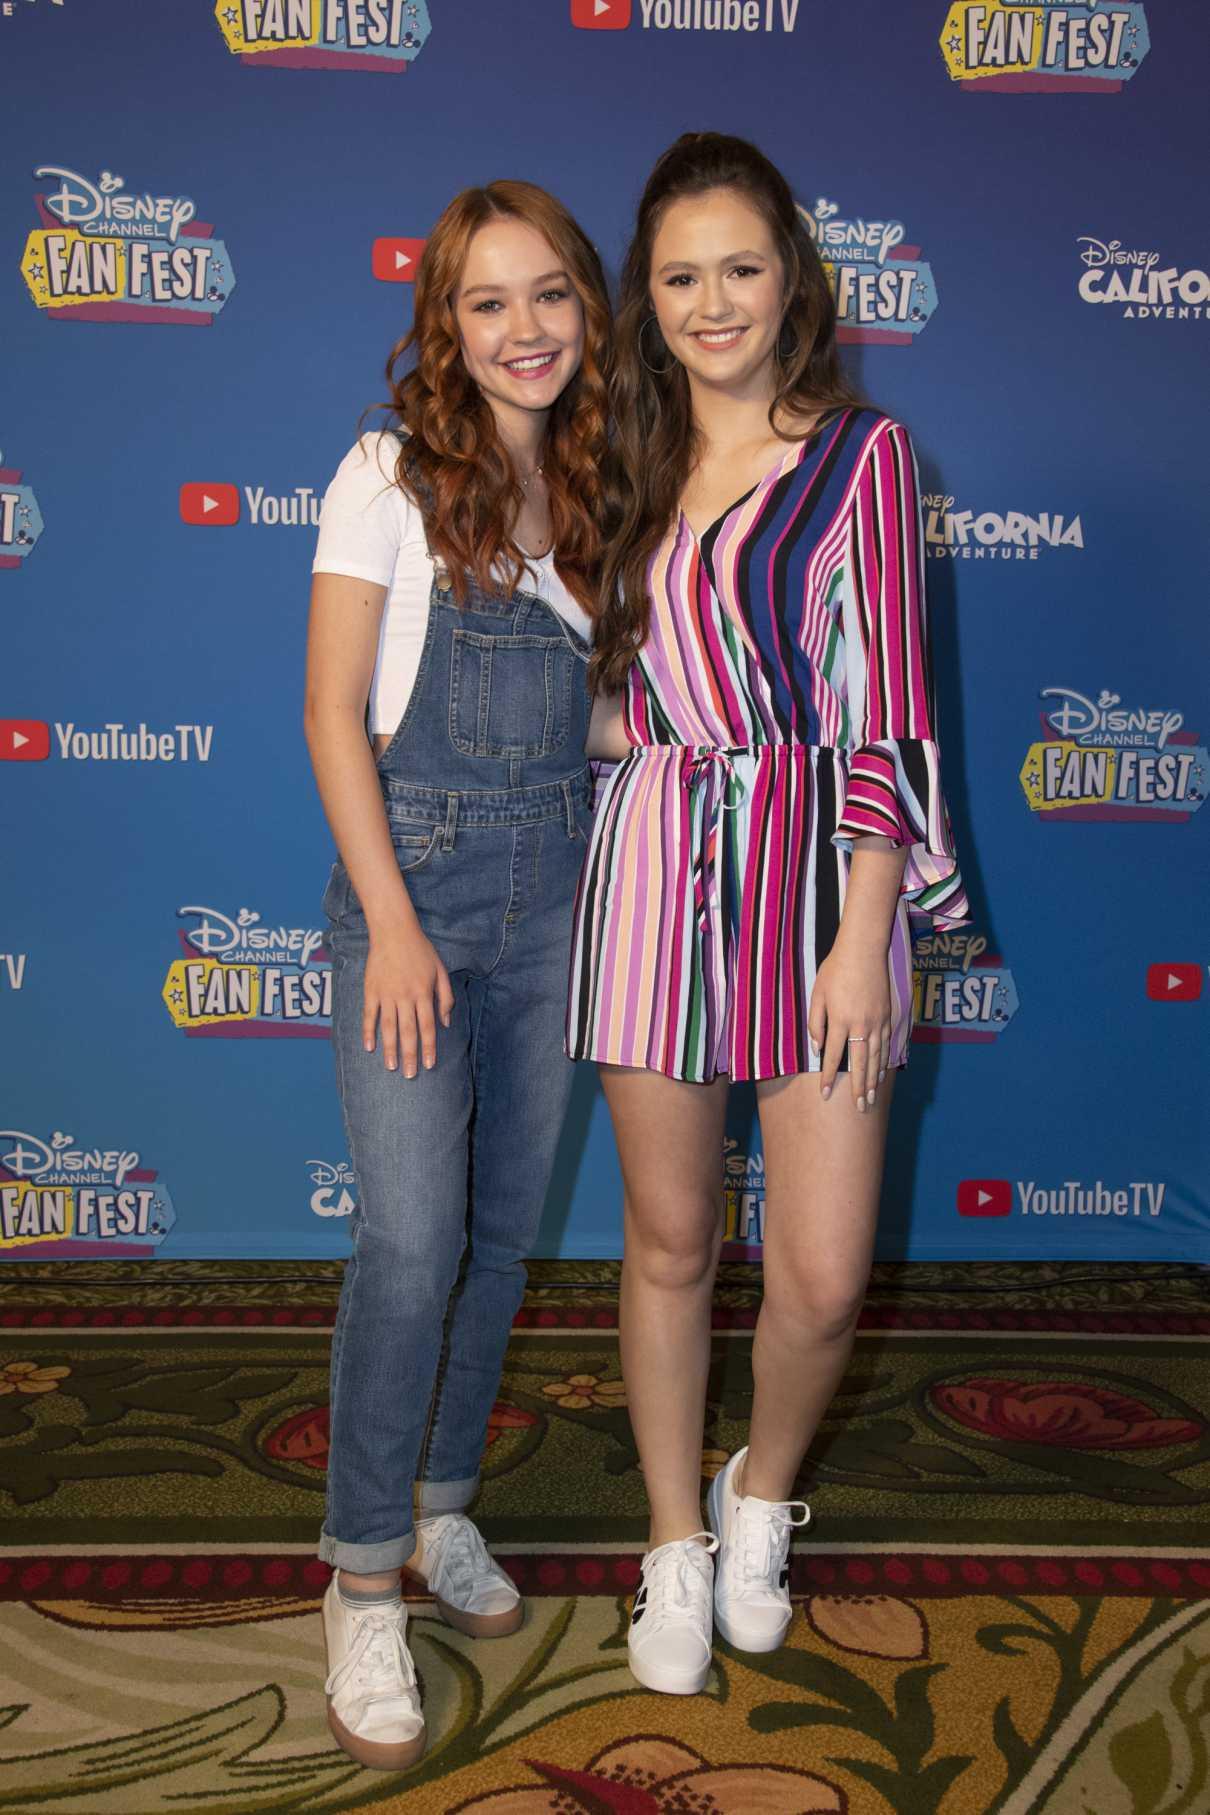 Sadie Stanley Attends 2019 Disney Channel Fan Fest In